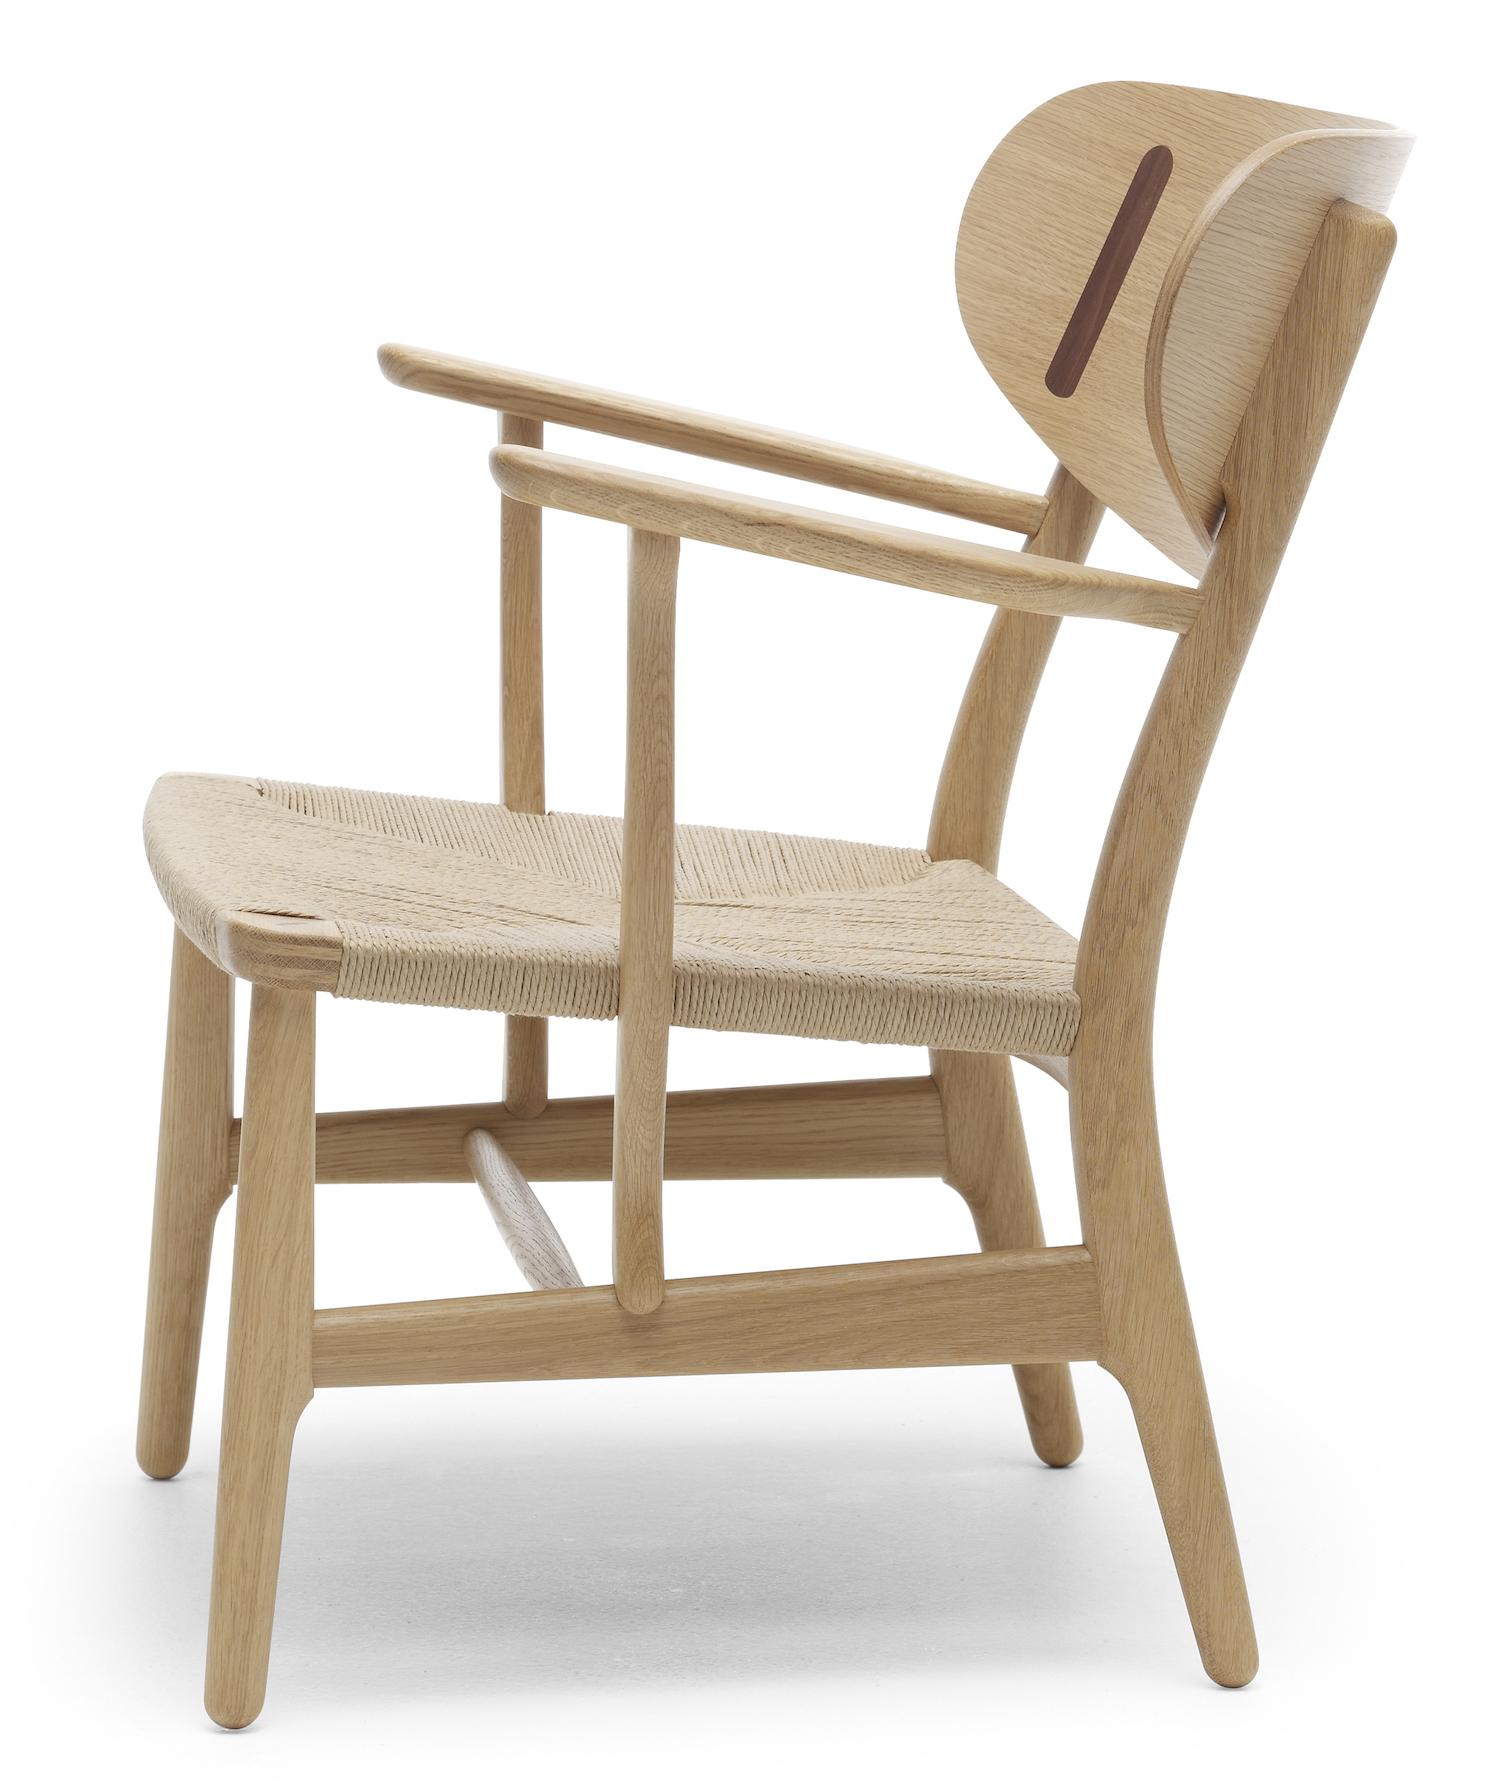 Carl hansen s n ch22 lounge chair design hans j wegner for Danish design stuhl